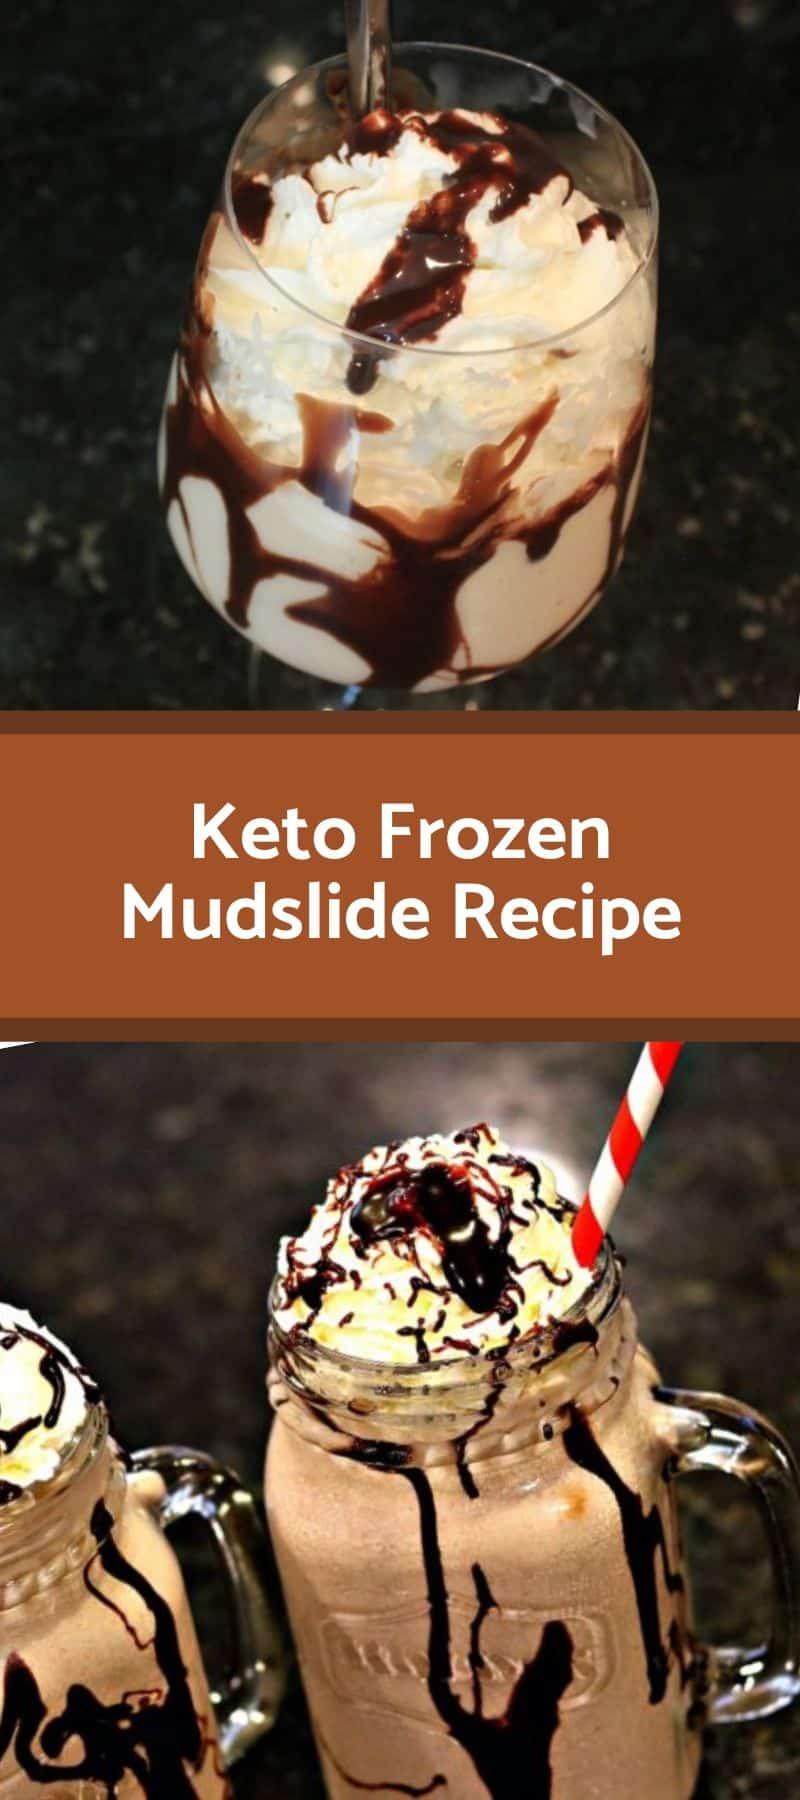 Keto Frozen Mudslide Recipe 3